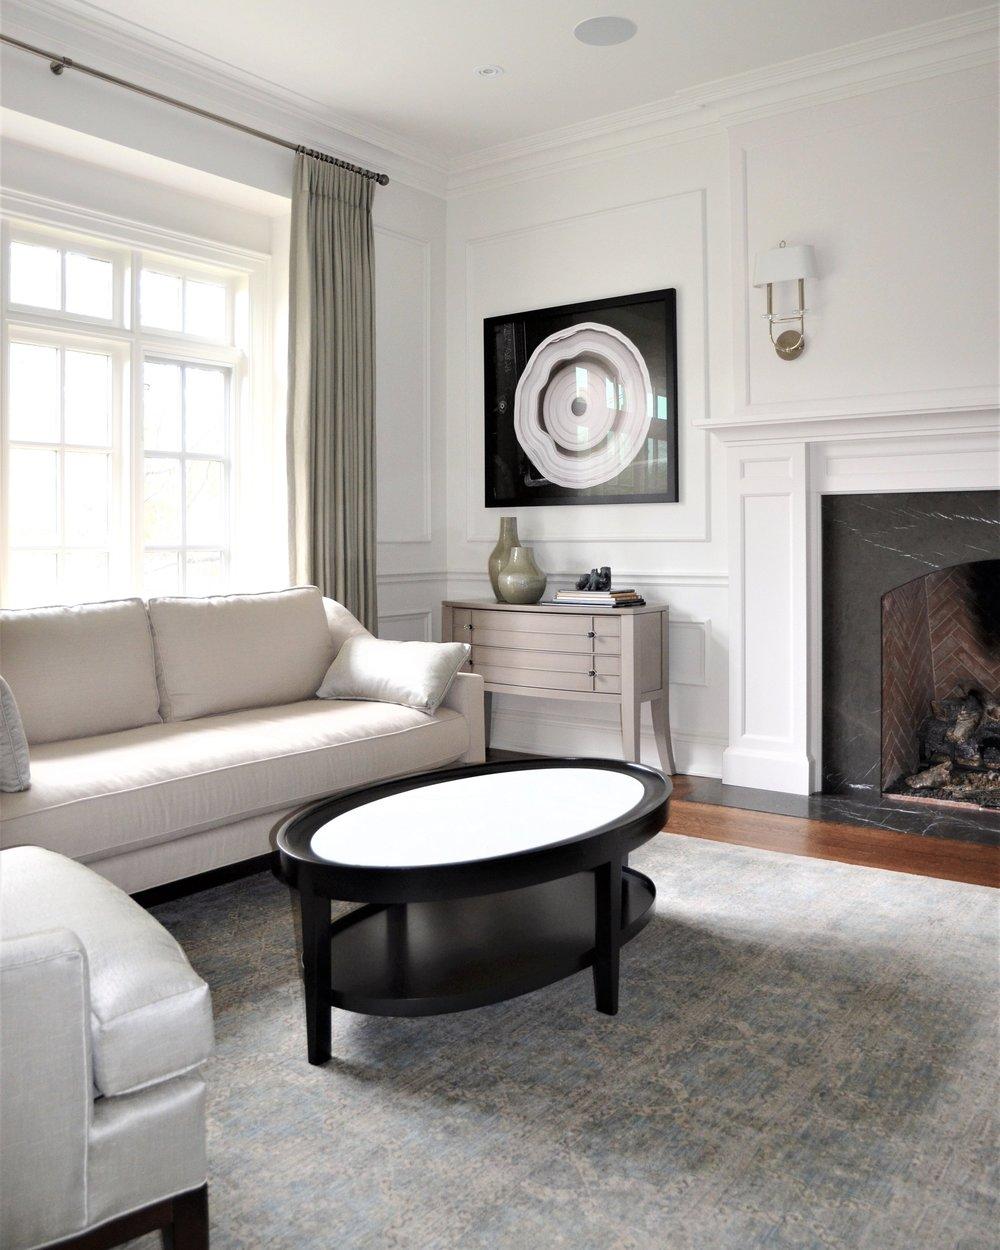 Henry-living room.jpg